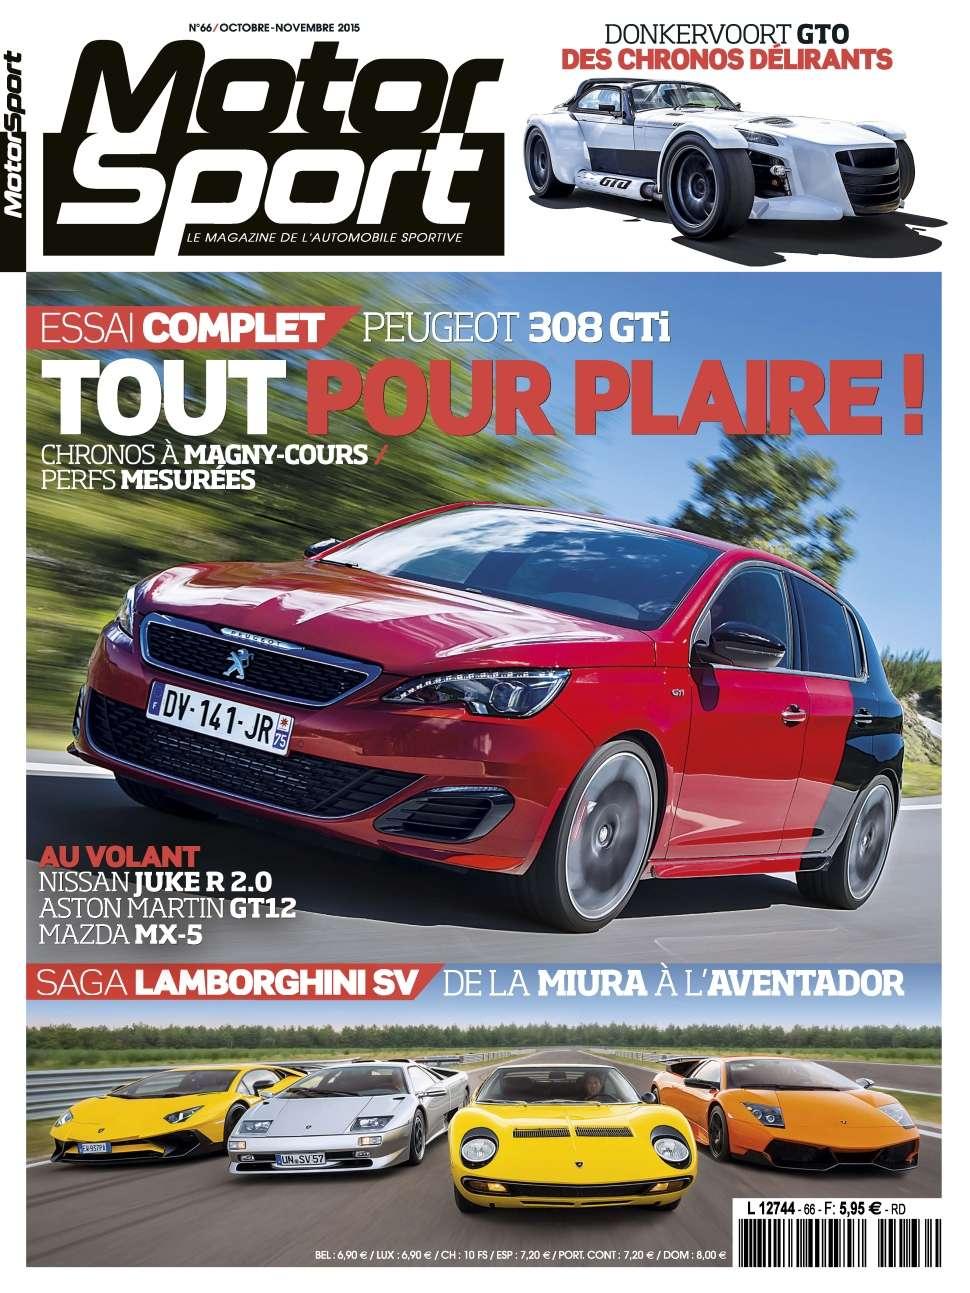 Motorsport 66 - Octobre/Novembre 2015